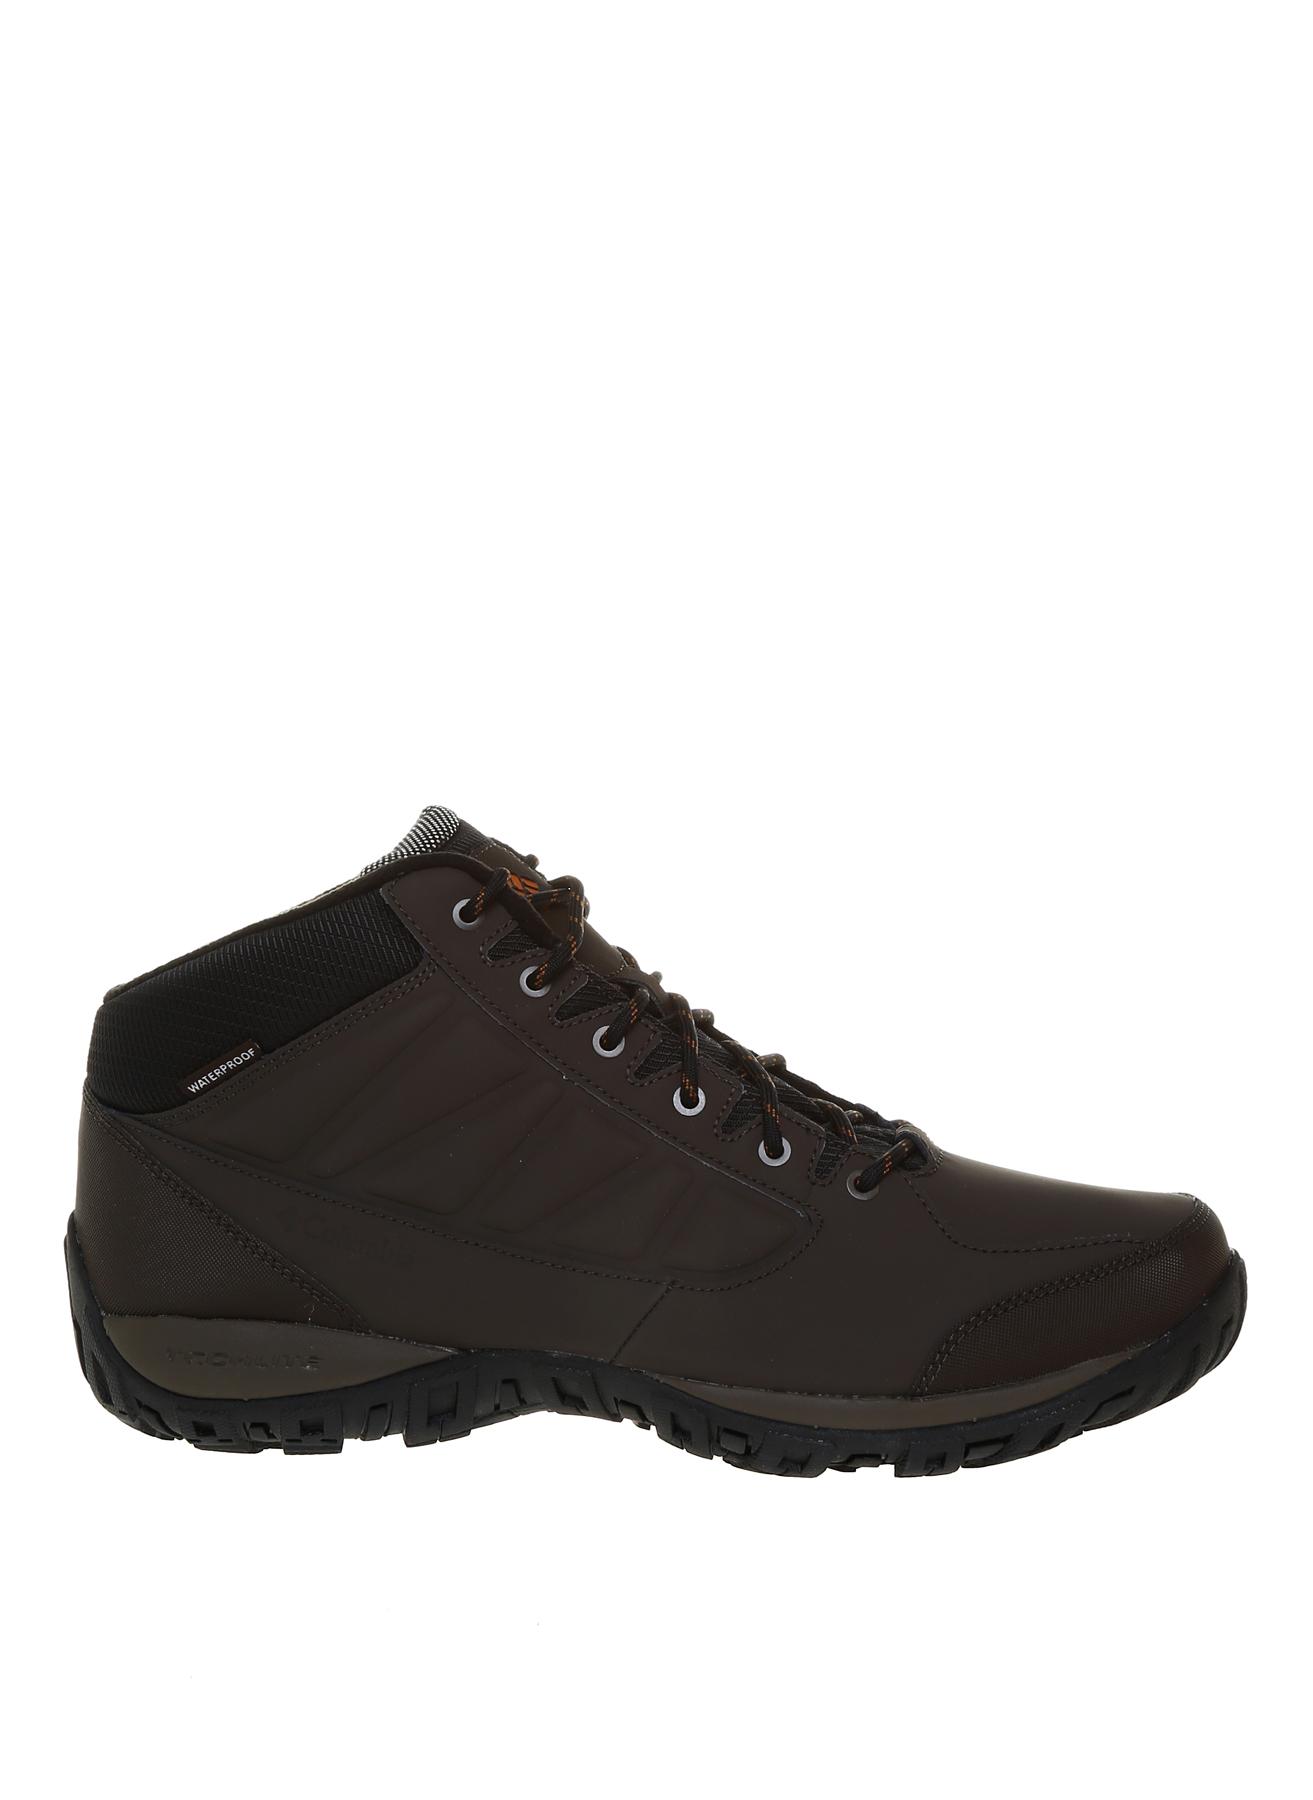 Columbia Bm5524 Ruckel Ridge™ Chukka Wp Omni-Heat™ Outdoor Ayakkabısı 41.5 5002302078002 Ürün Resmi